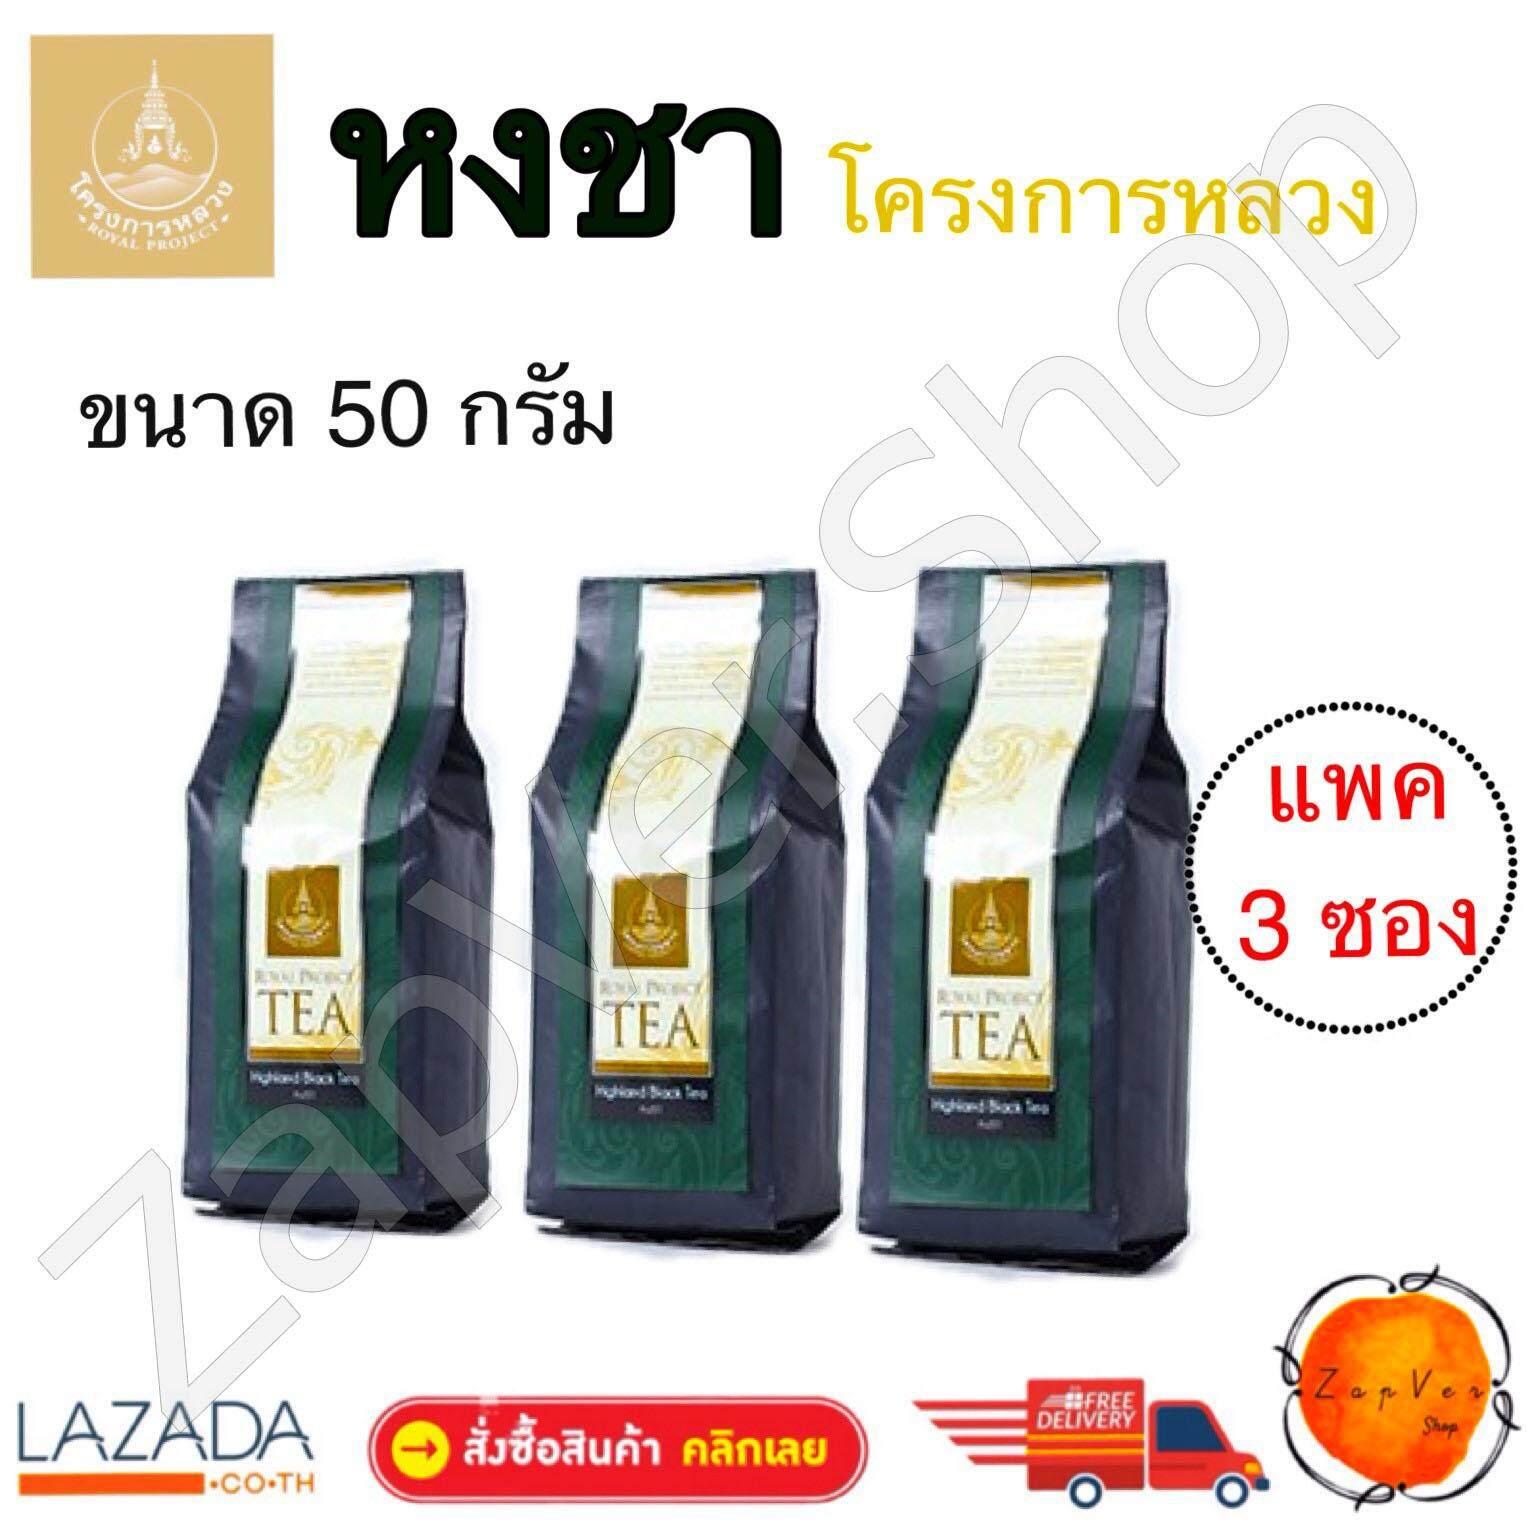 ชา หงชา ชาดำ ซา โครงการหลวง ใบชา ออร์แกนิค แท้ 100% ขนาด 50 กรัม แพค 3 ซองชาจีน Black Tea Highland Black Tea Product Of Royal Project Foundation Organic Thailand  Tea Chinese Tea 50 G..